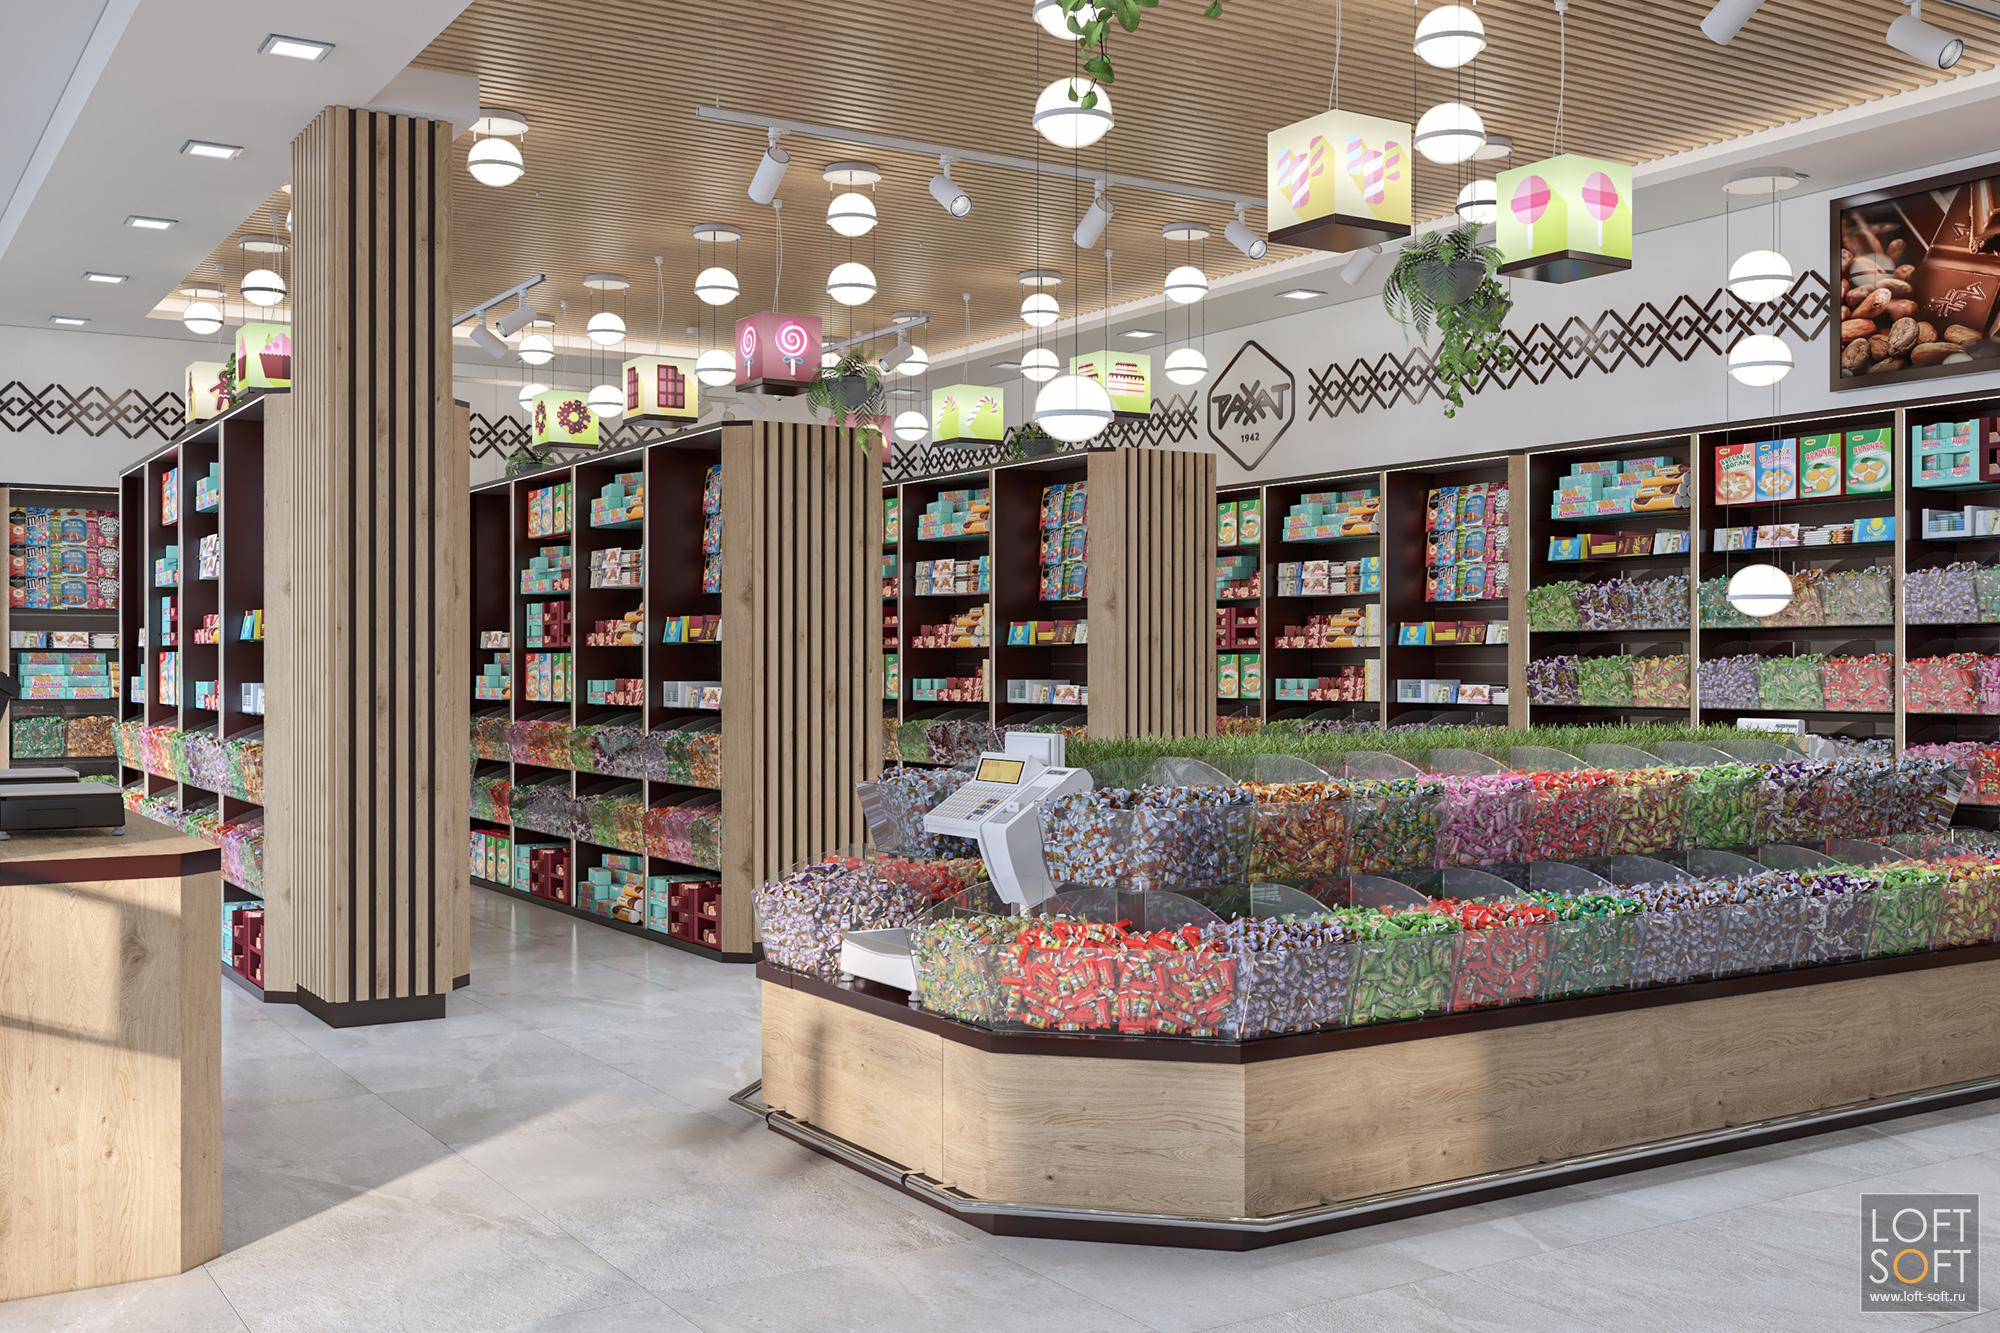 современный кондитерский магазин, зона самообслуживания вмагазине, проект магазина